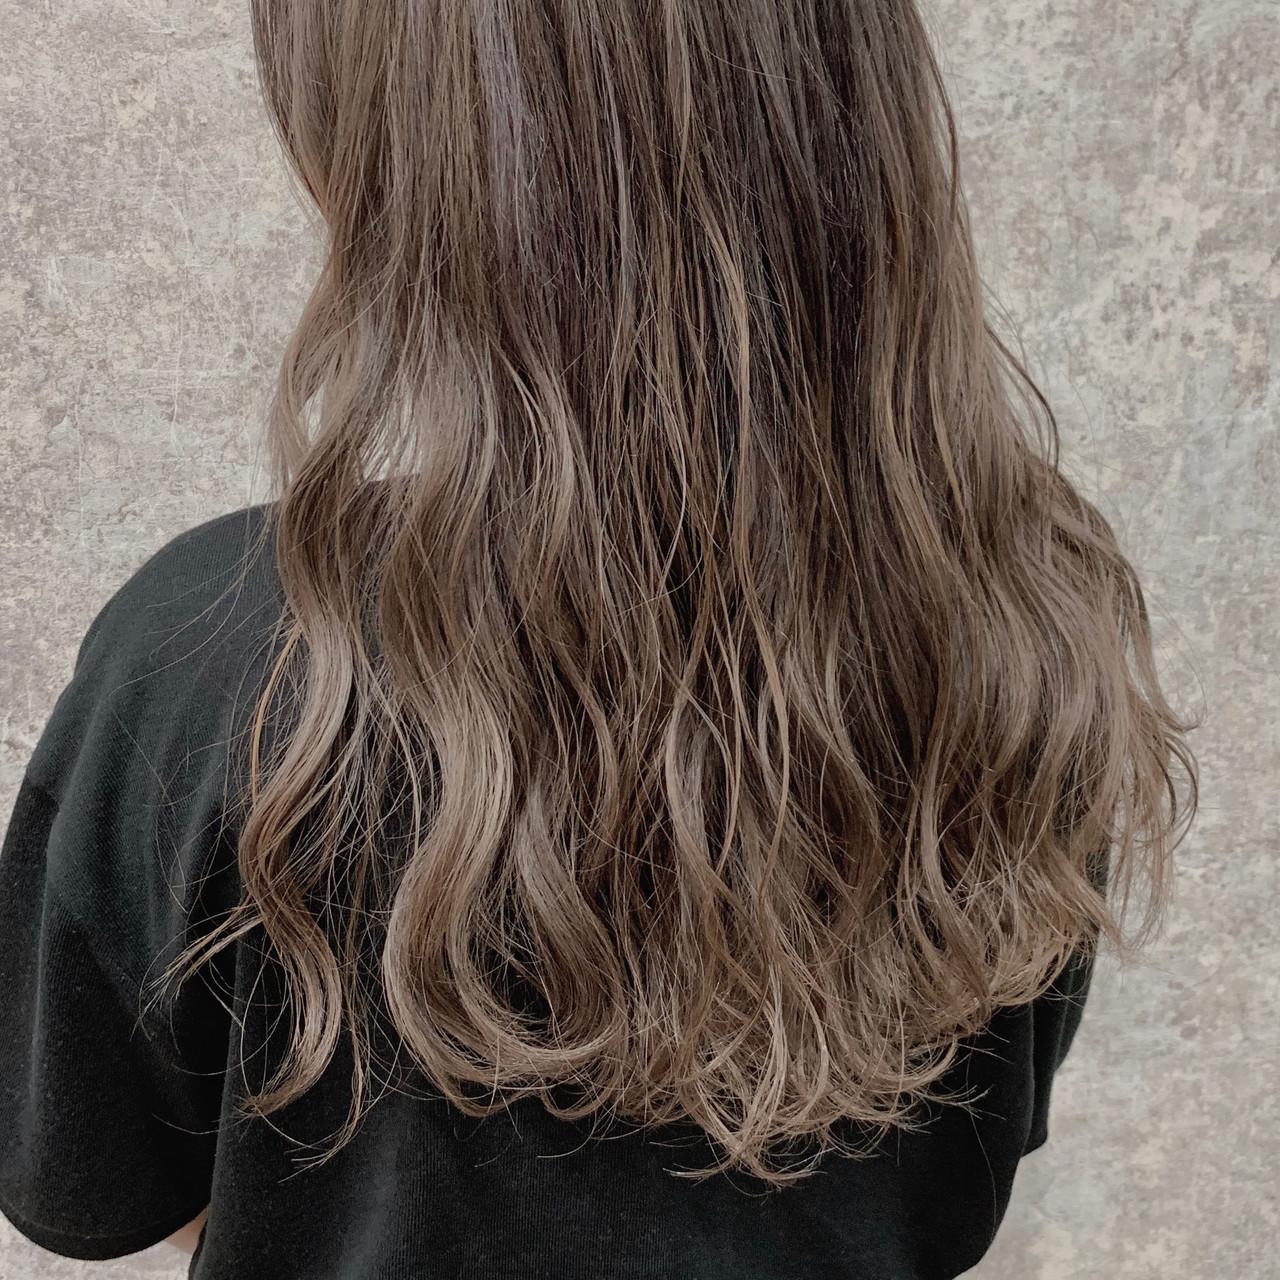 ダブルカラー ハイライト ミルクティーベージュ ロング ヘアスタイルや髪型の写真・画像 | アカシリョウ / soon de brace 瓜破店